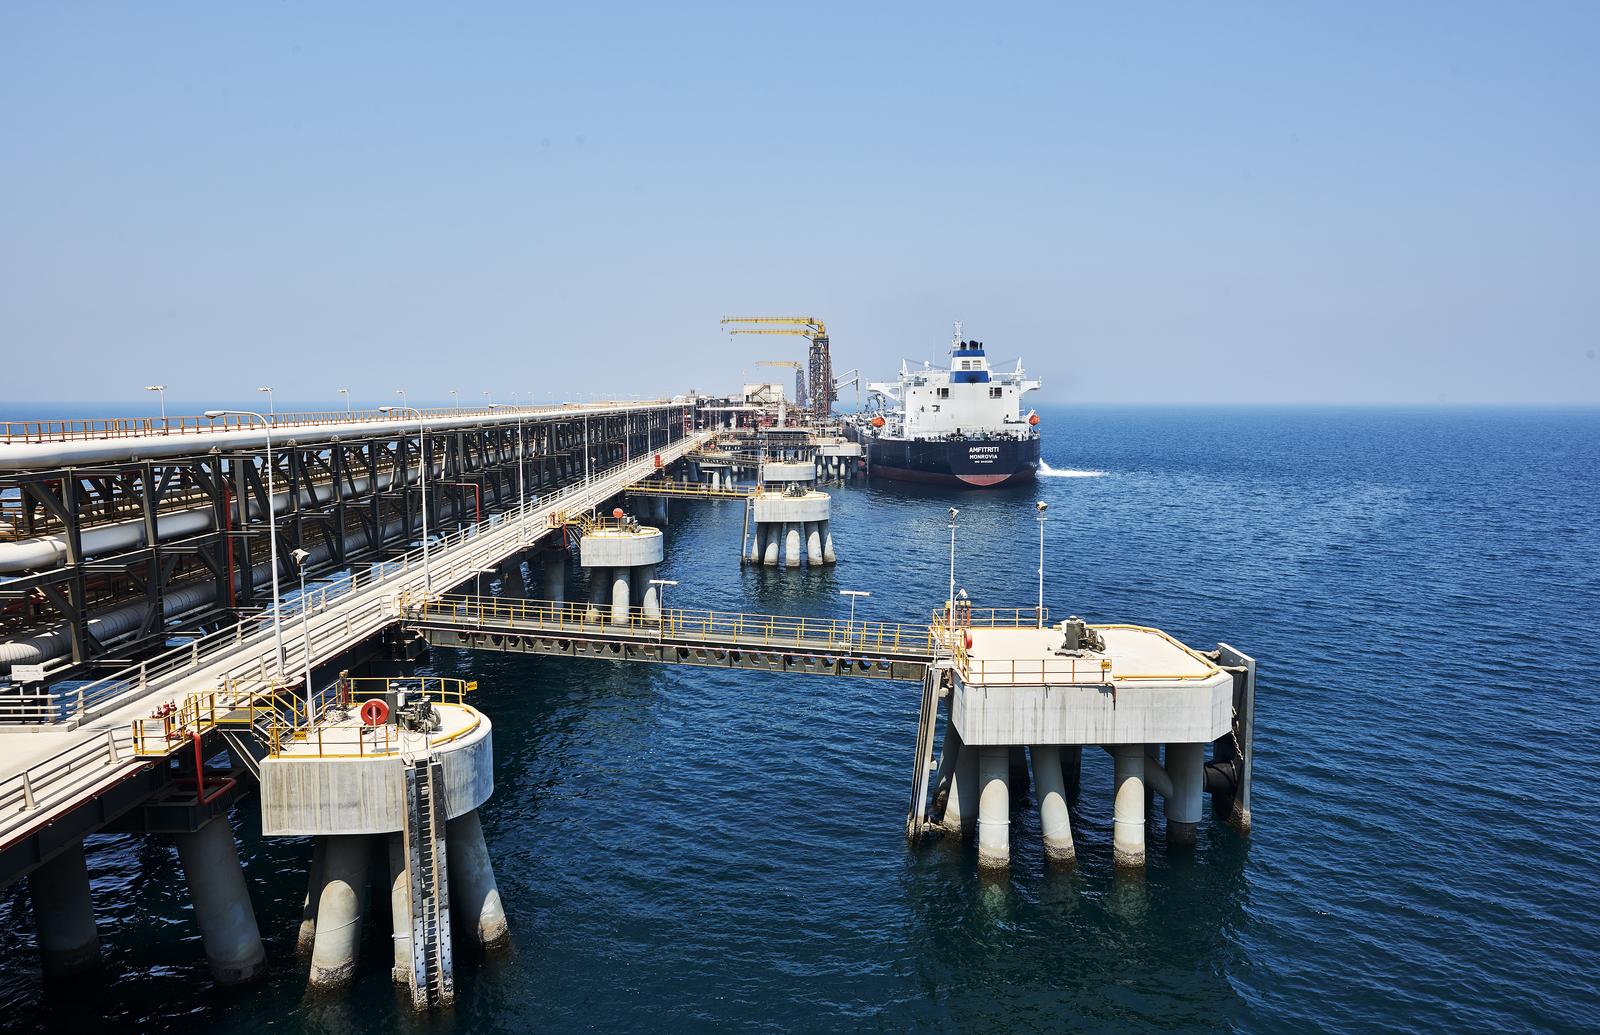 """""""أدنوك"""" و""""القابضة"""" تؤسسان كياناً استراتيجياً لتحفيز الصناعة ونمو قطاع البتروكيماويات في الإمارات"""